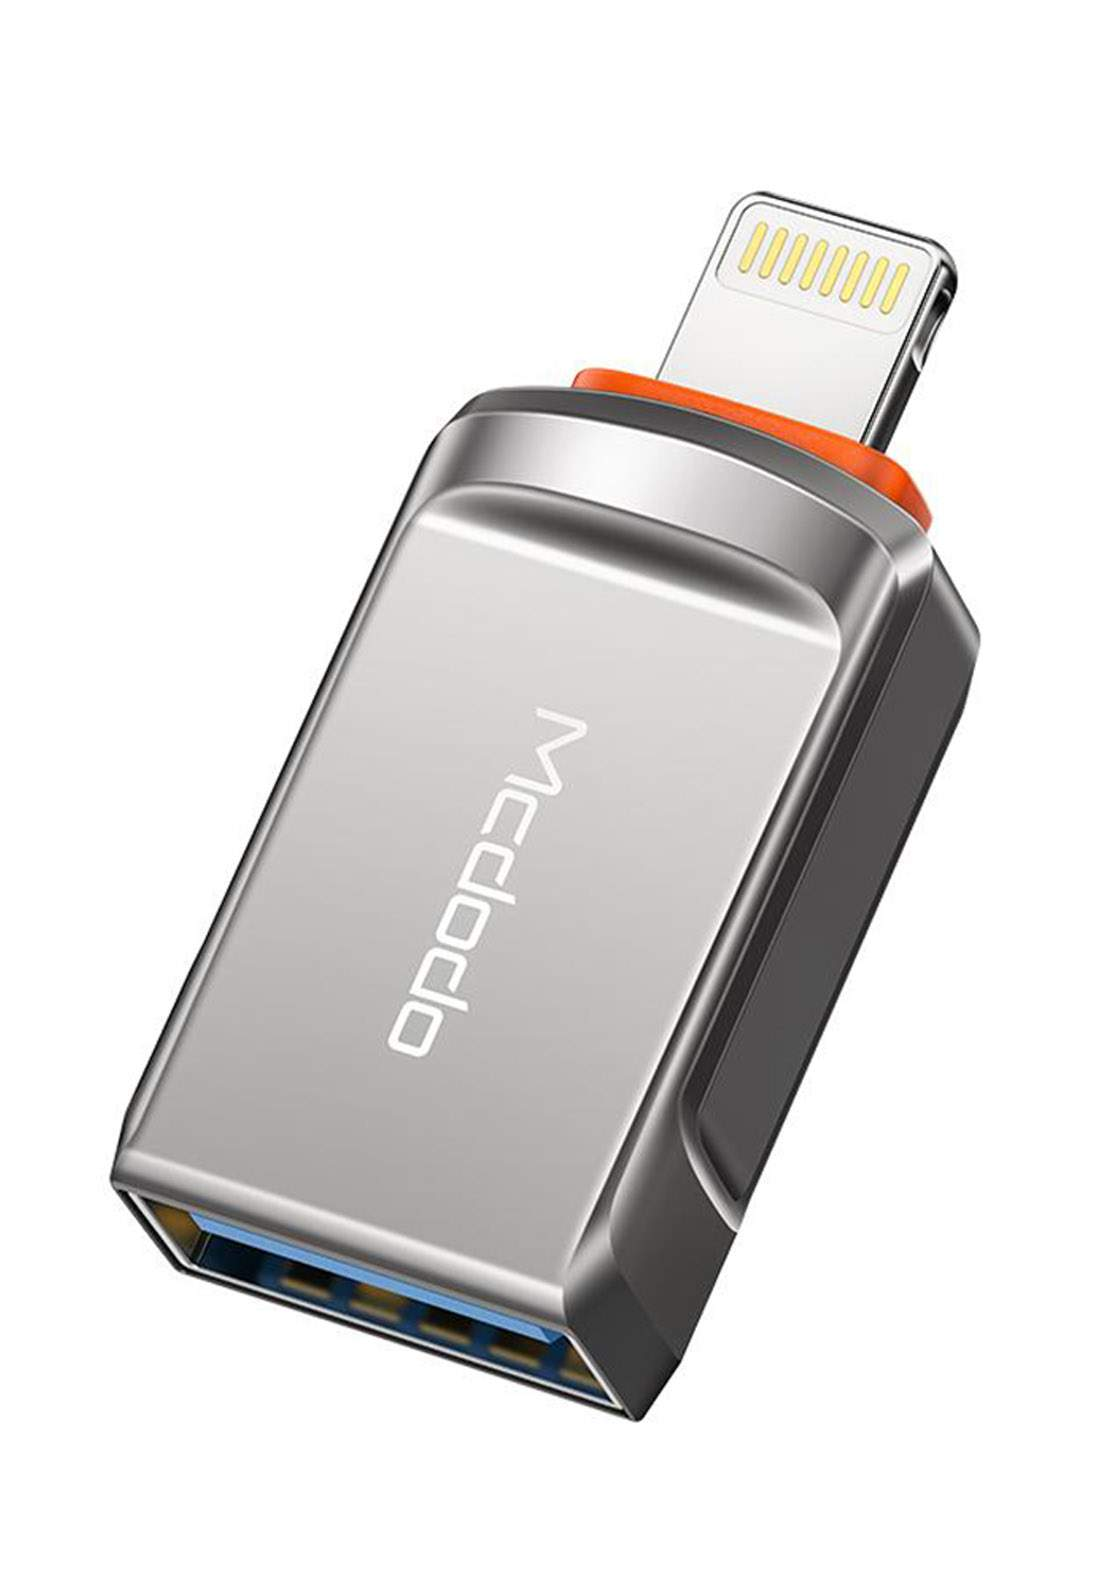 Mcdodo OT08600 OTG USB-A 3.0 to Lightning Adapter - Gray تحويلة